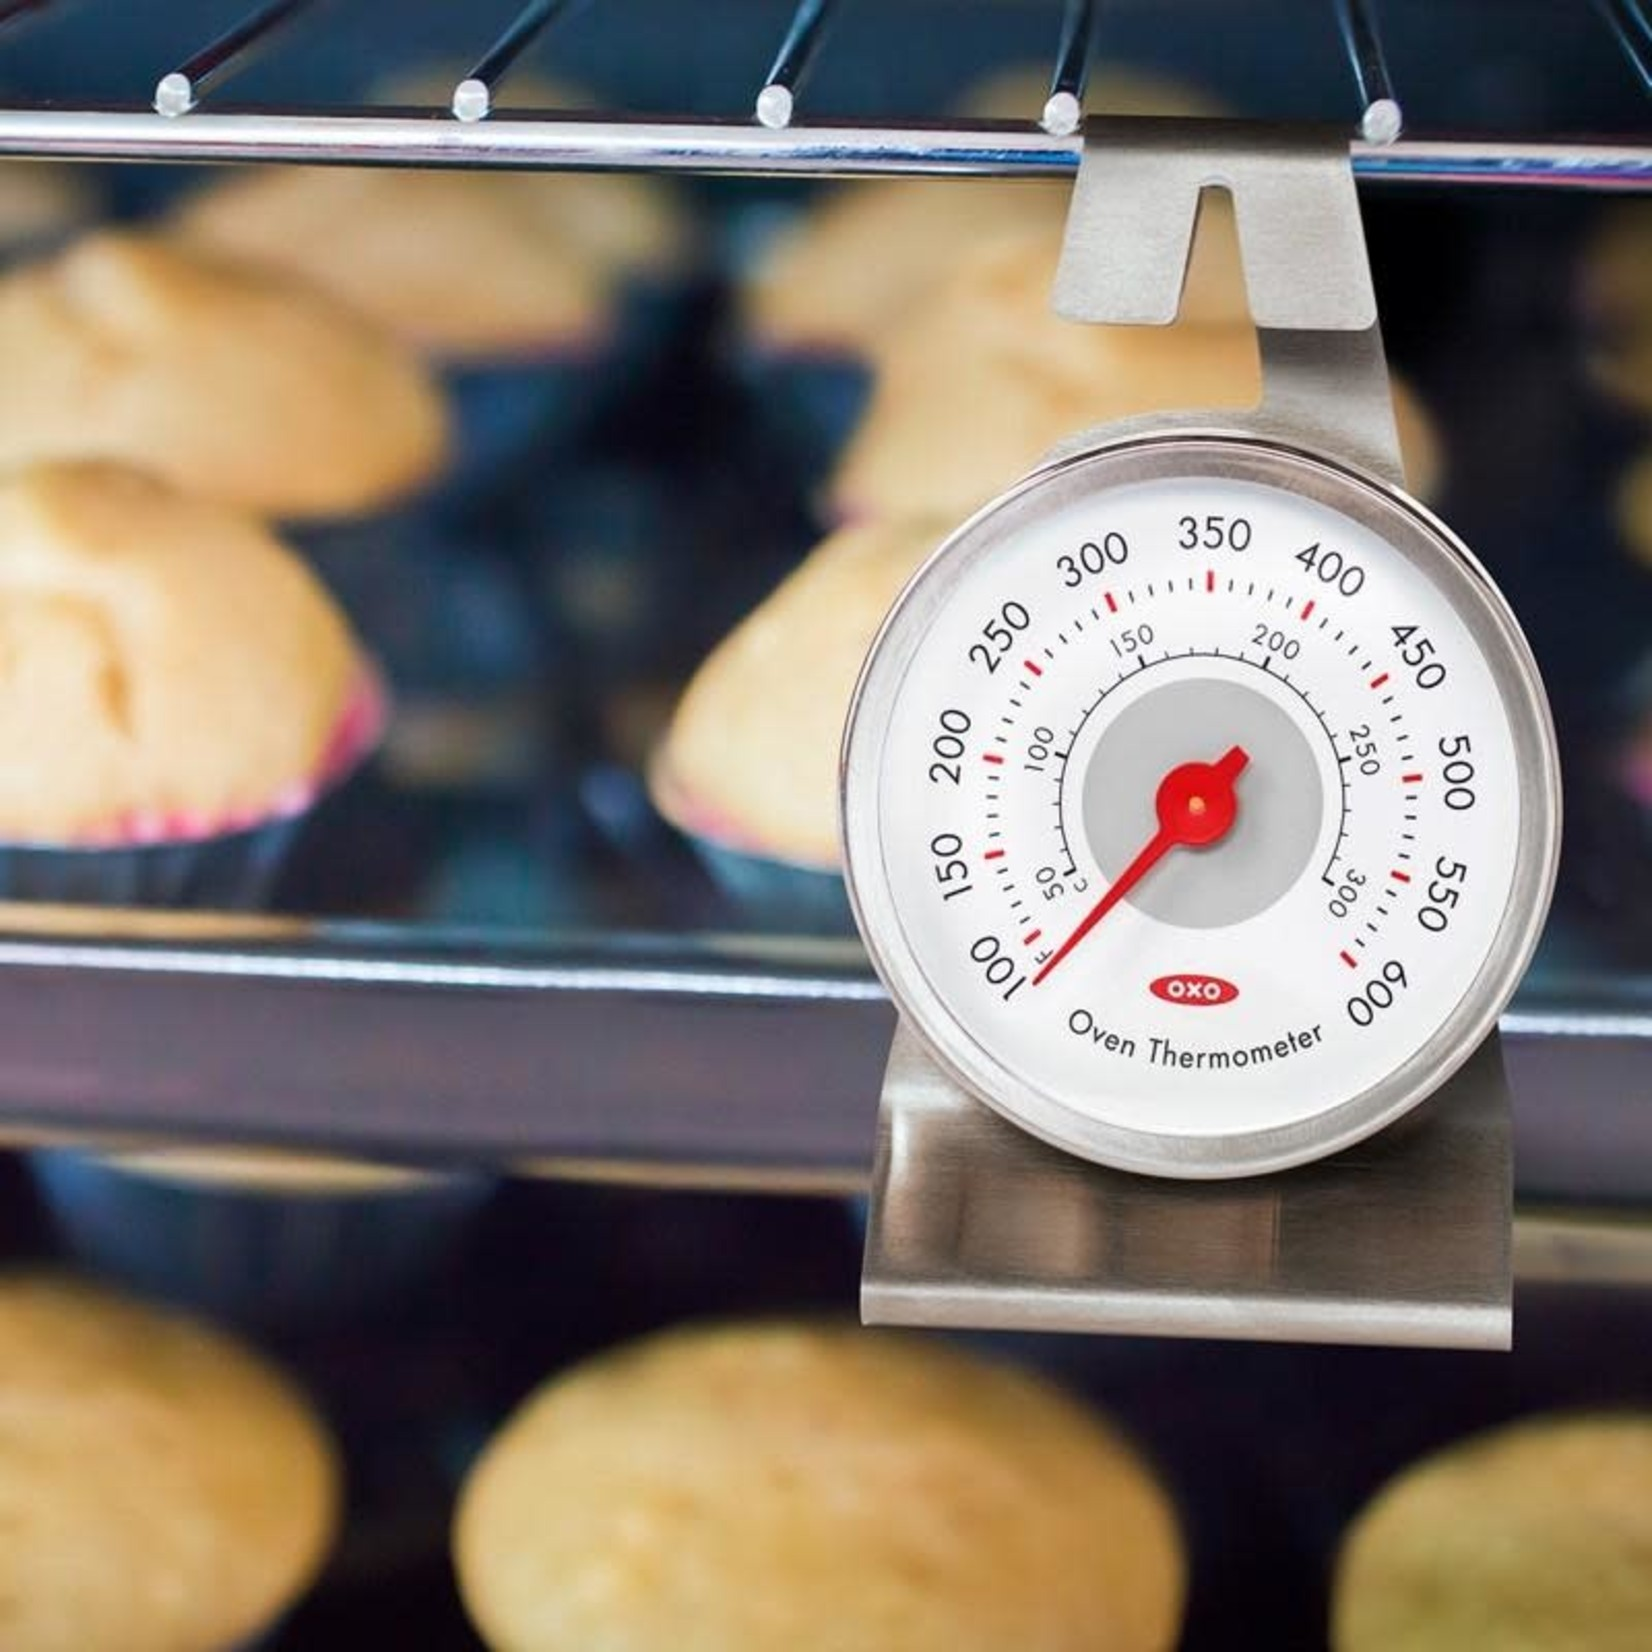 OXO Precision Oven Thermometer